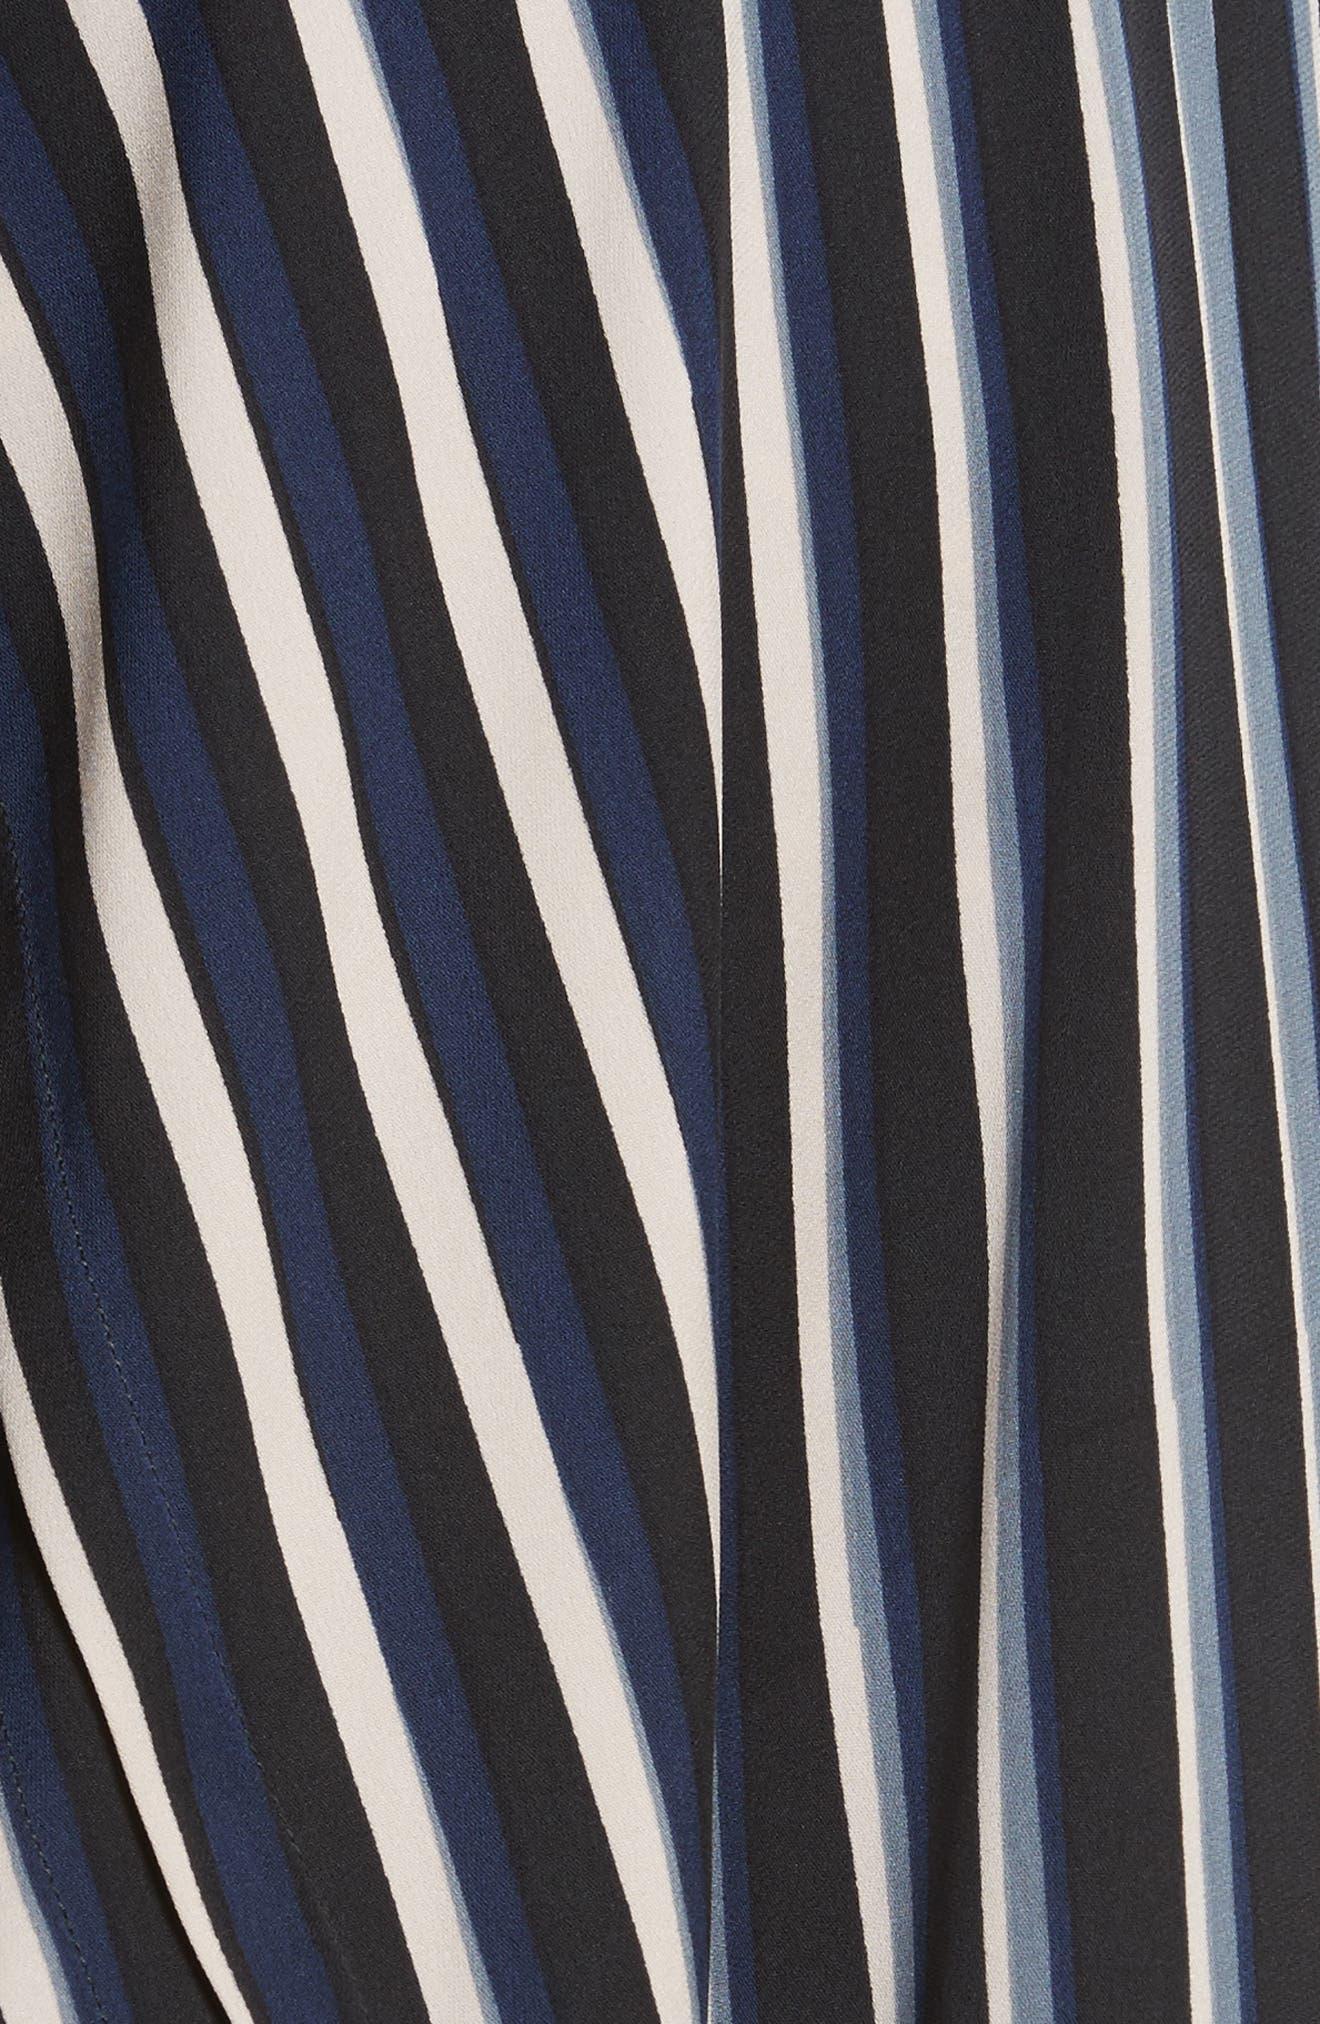 Striped Asymmetrical Midi Skirt,                             Alternate thumbnail 6, color,                             Whiston Black